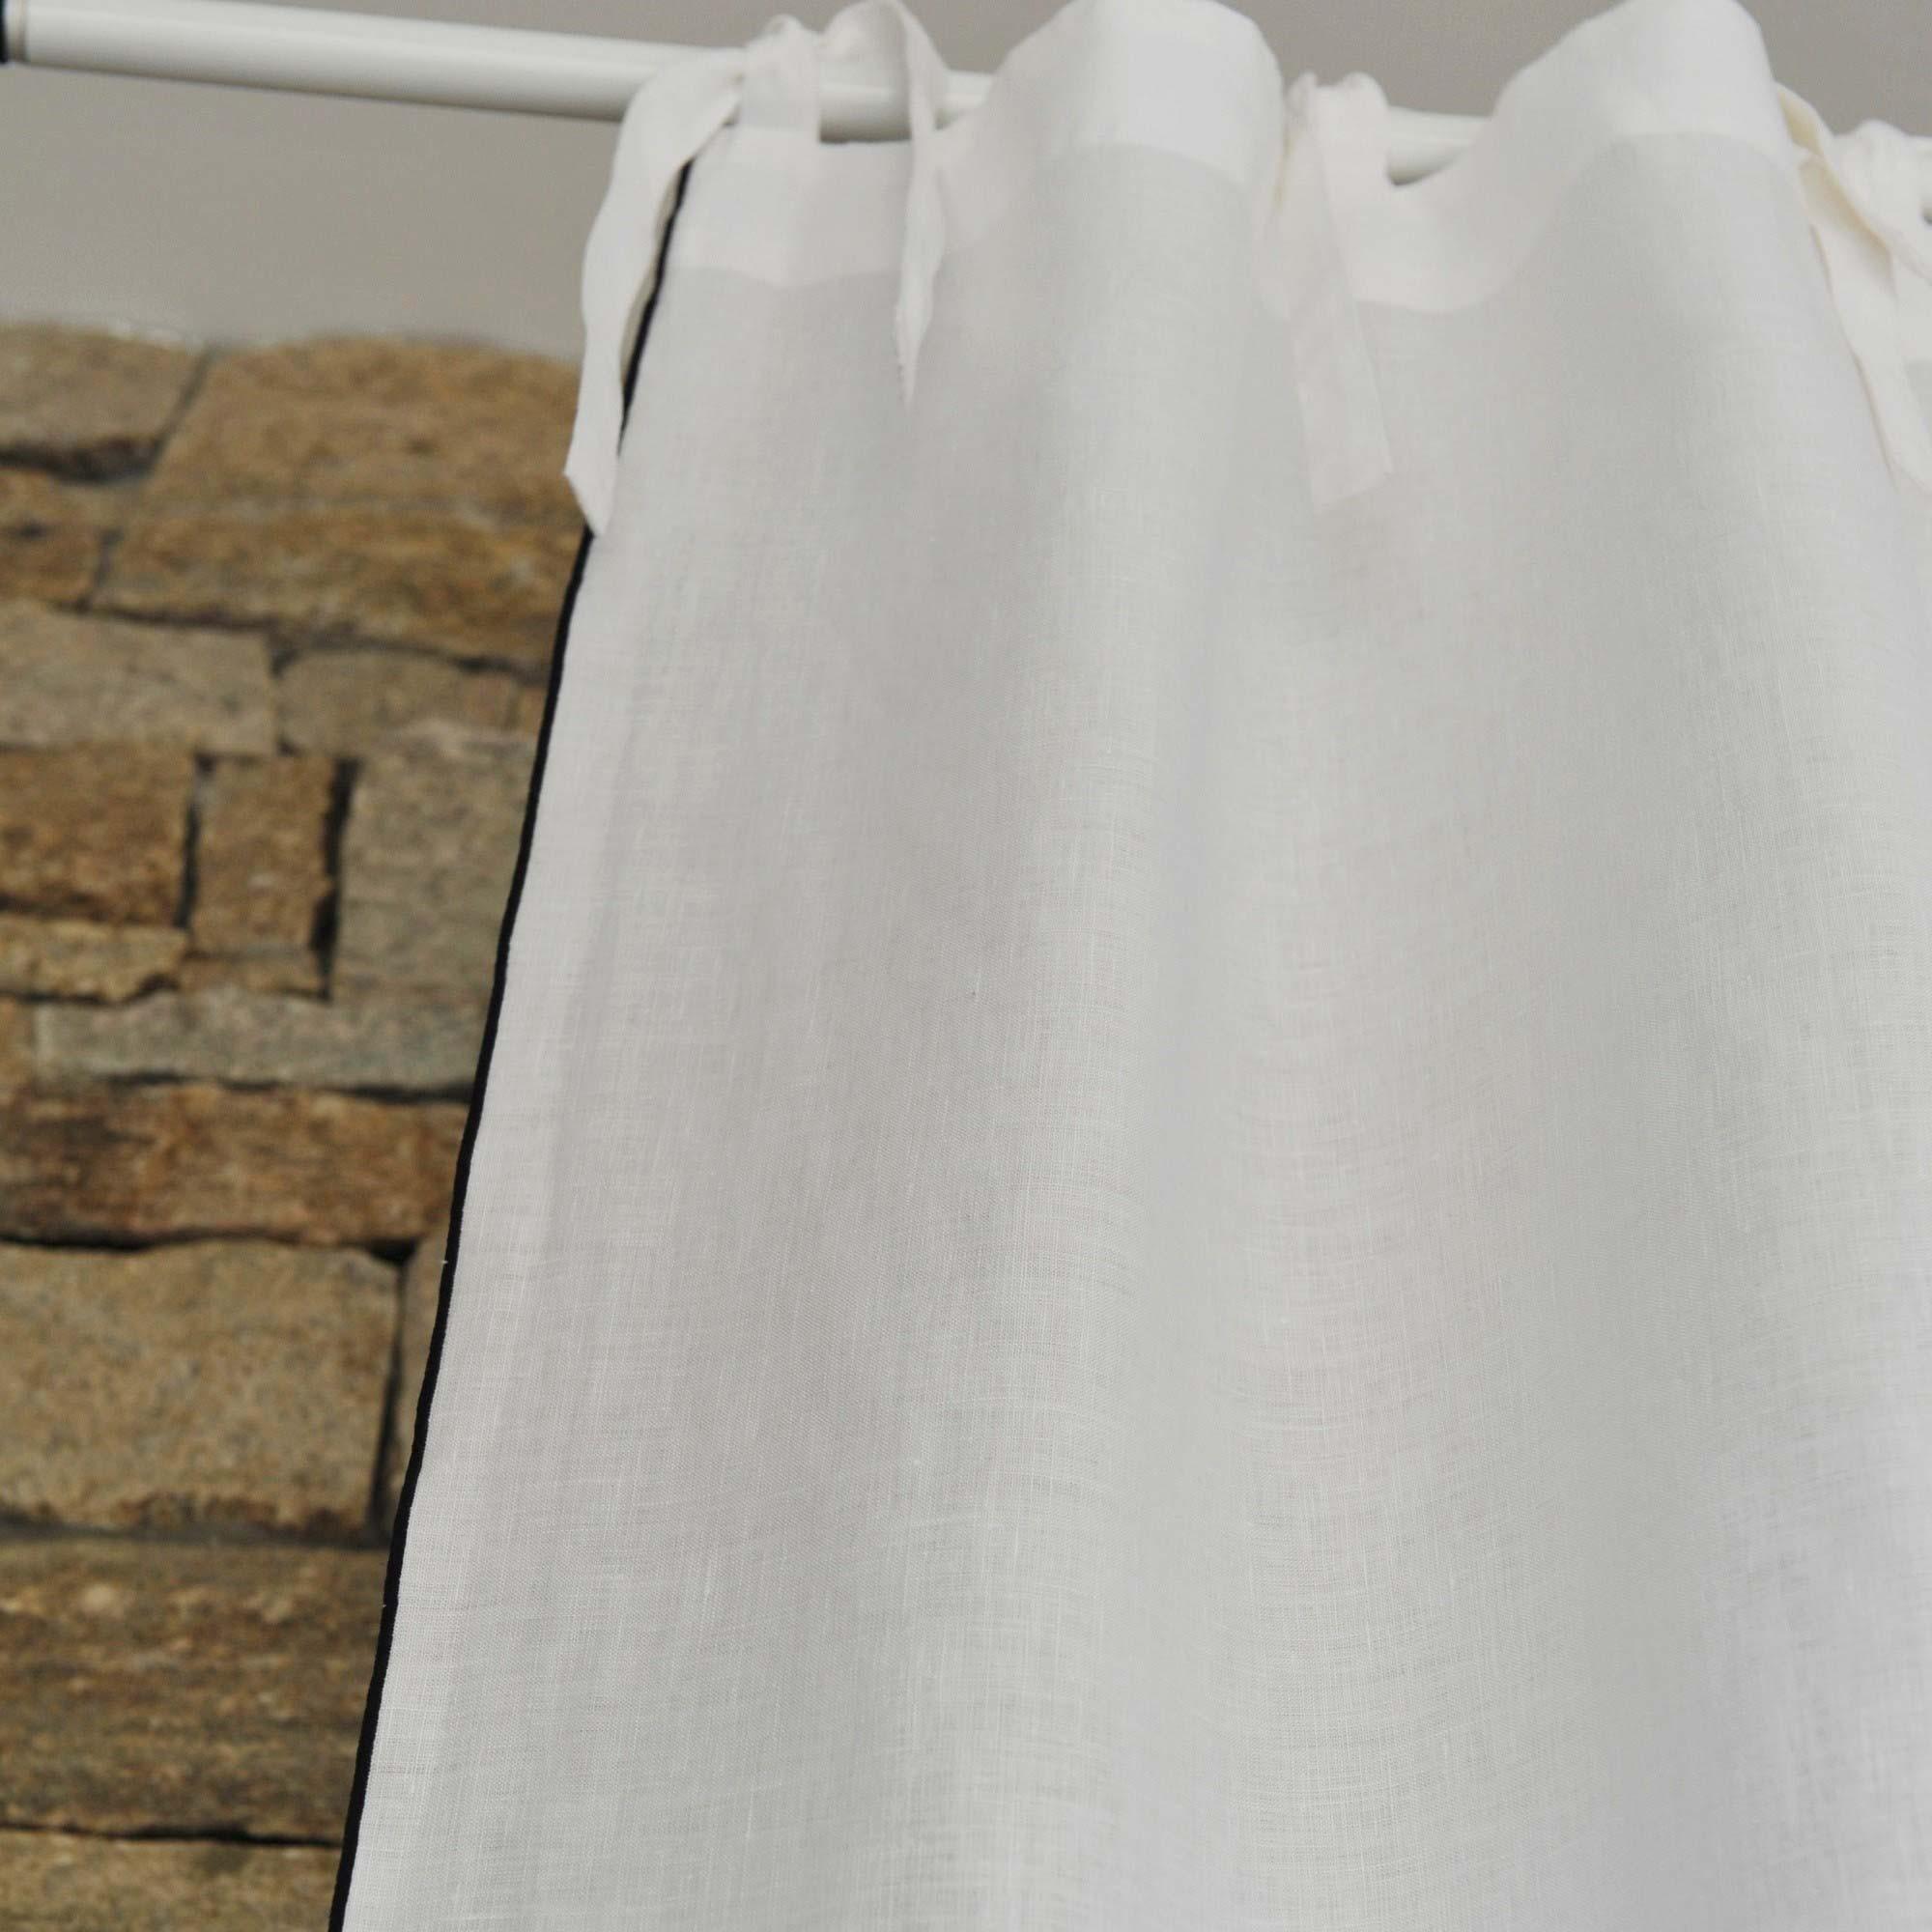 rideau lin blanc bourdon noir maison d 39 t. Black Bedroom Furniture Sets. Home Design Ideas